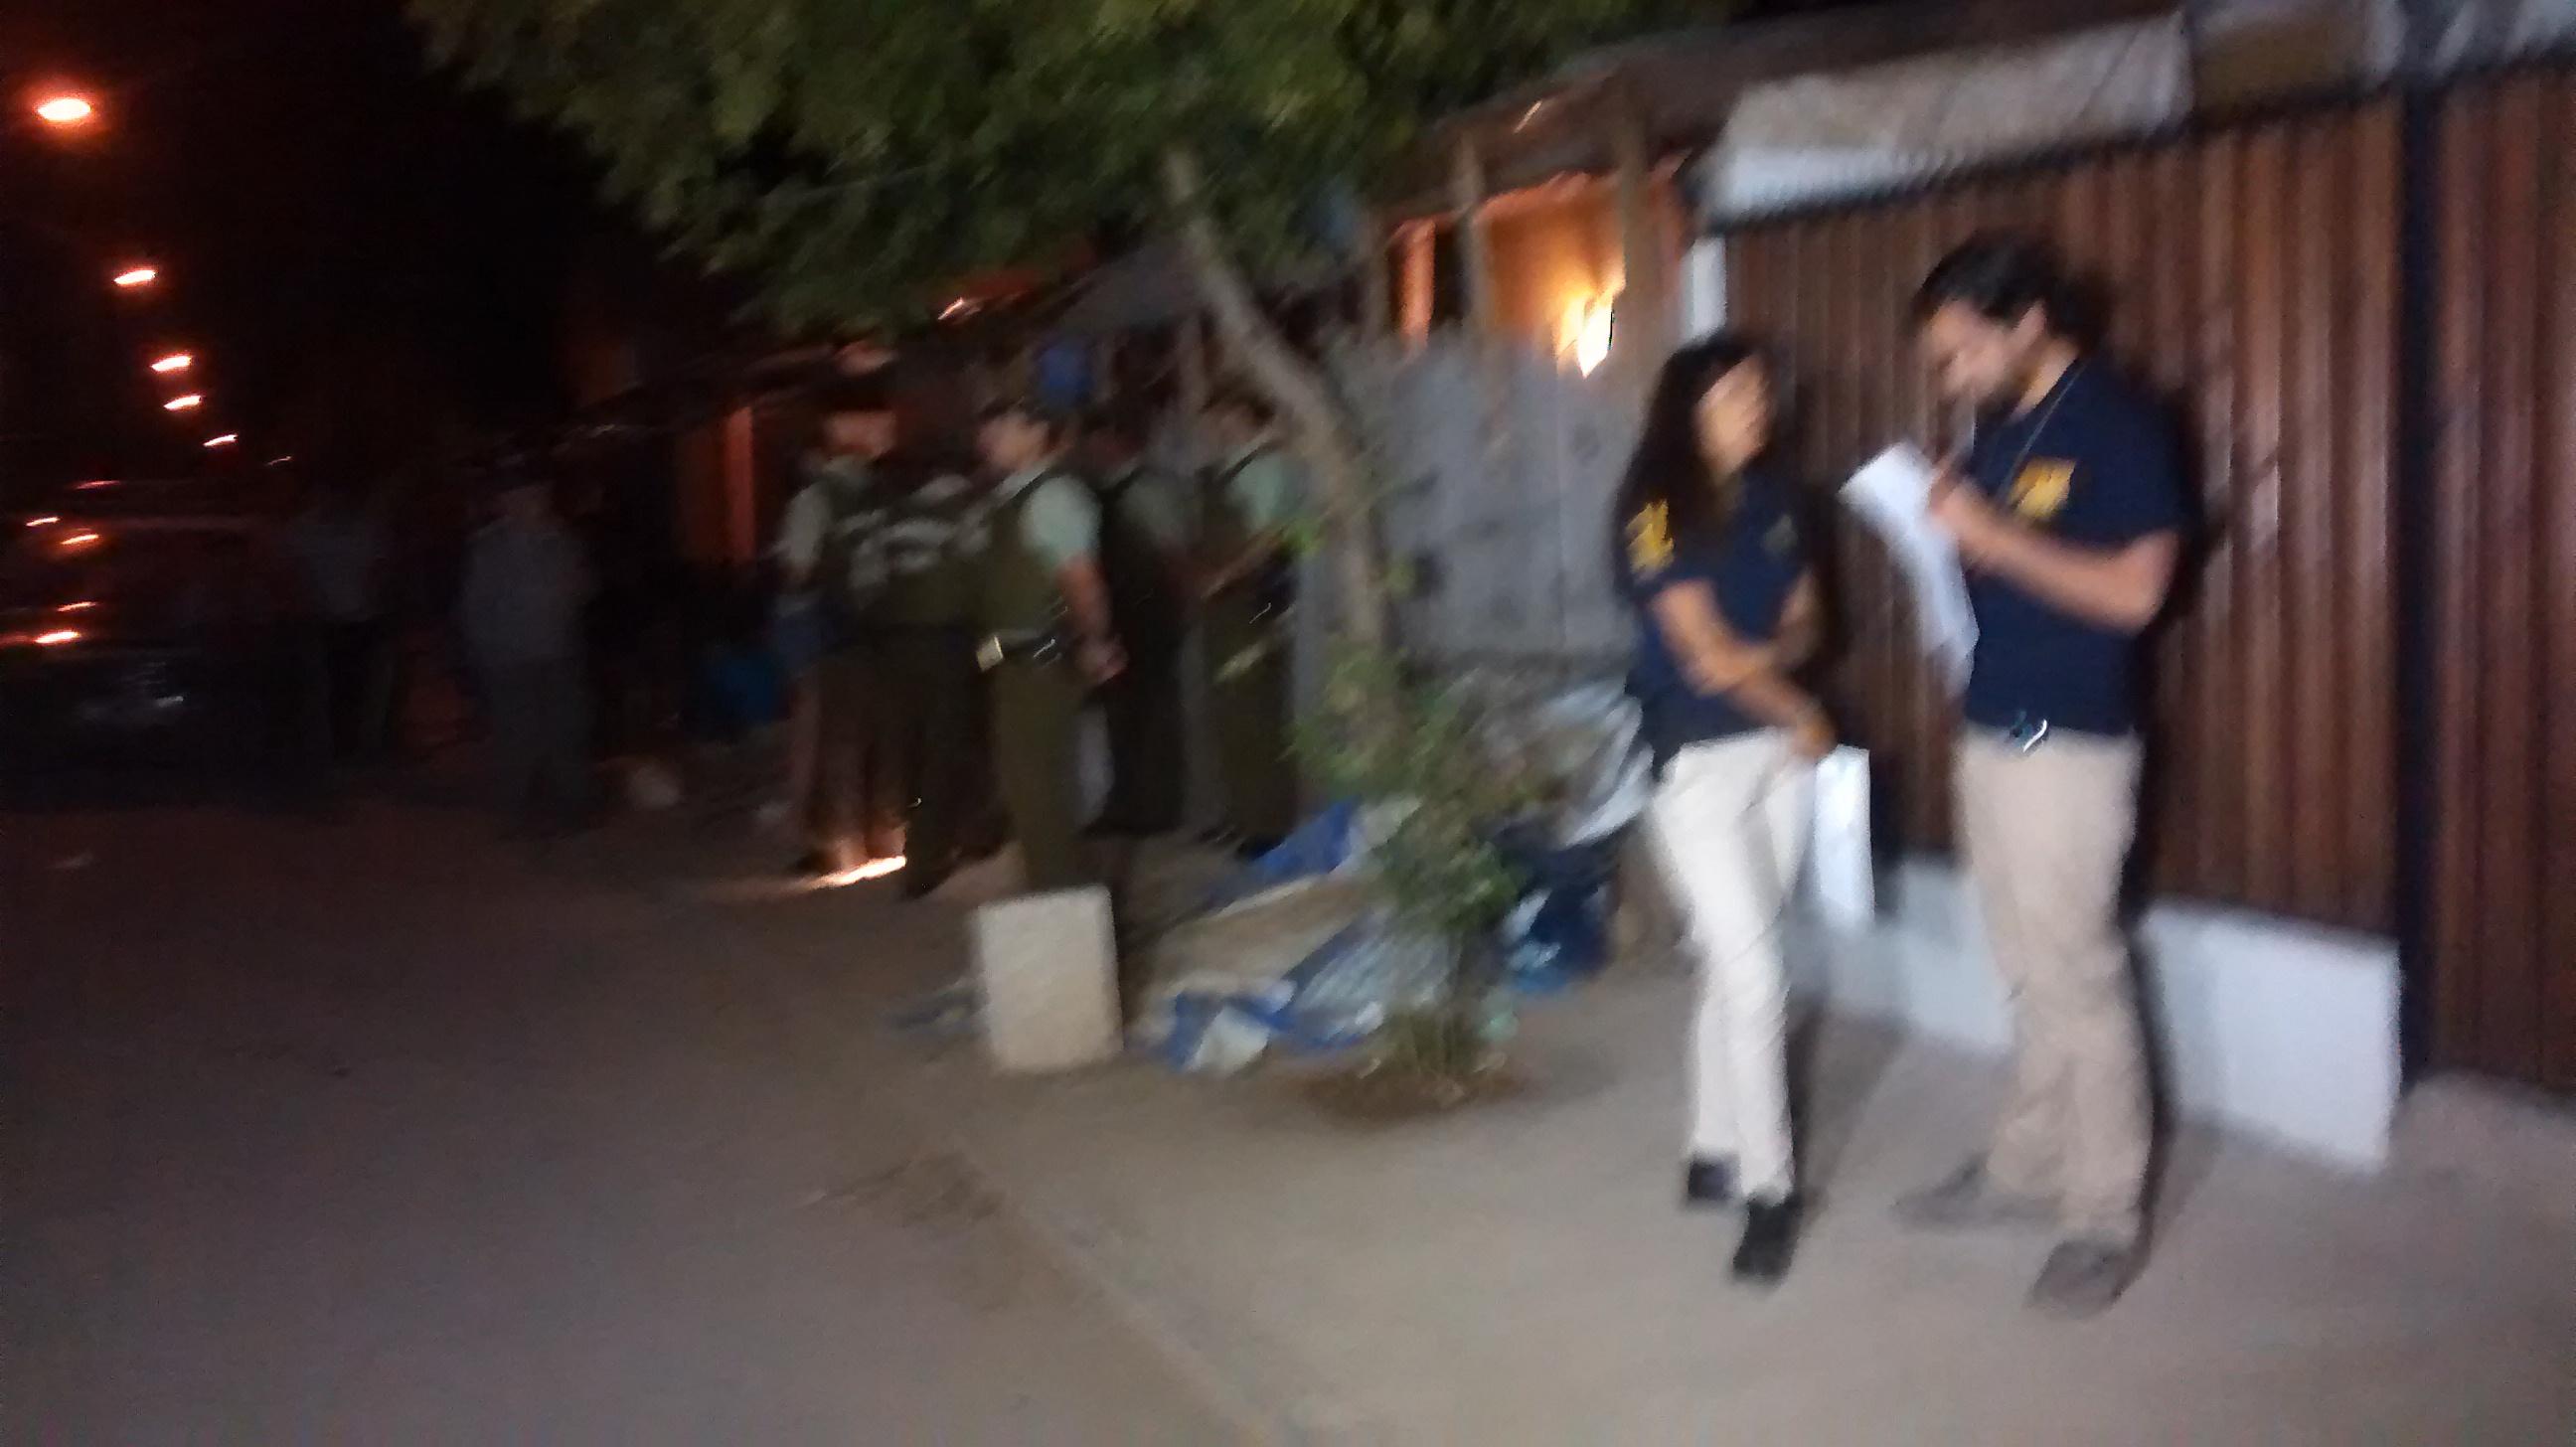 Fotos: Un muerto y un herido grave fue el saldo de balacera al interior de vivienda en Talca